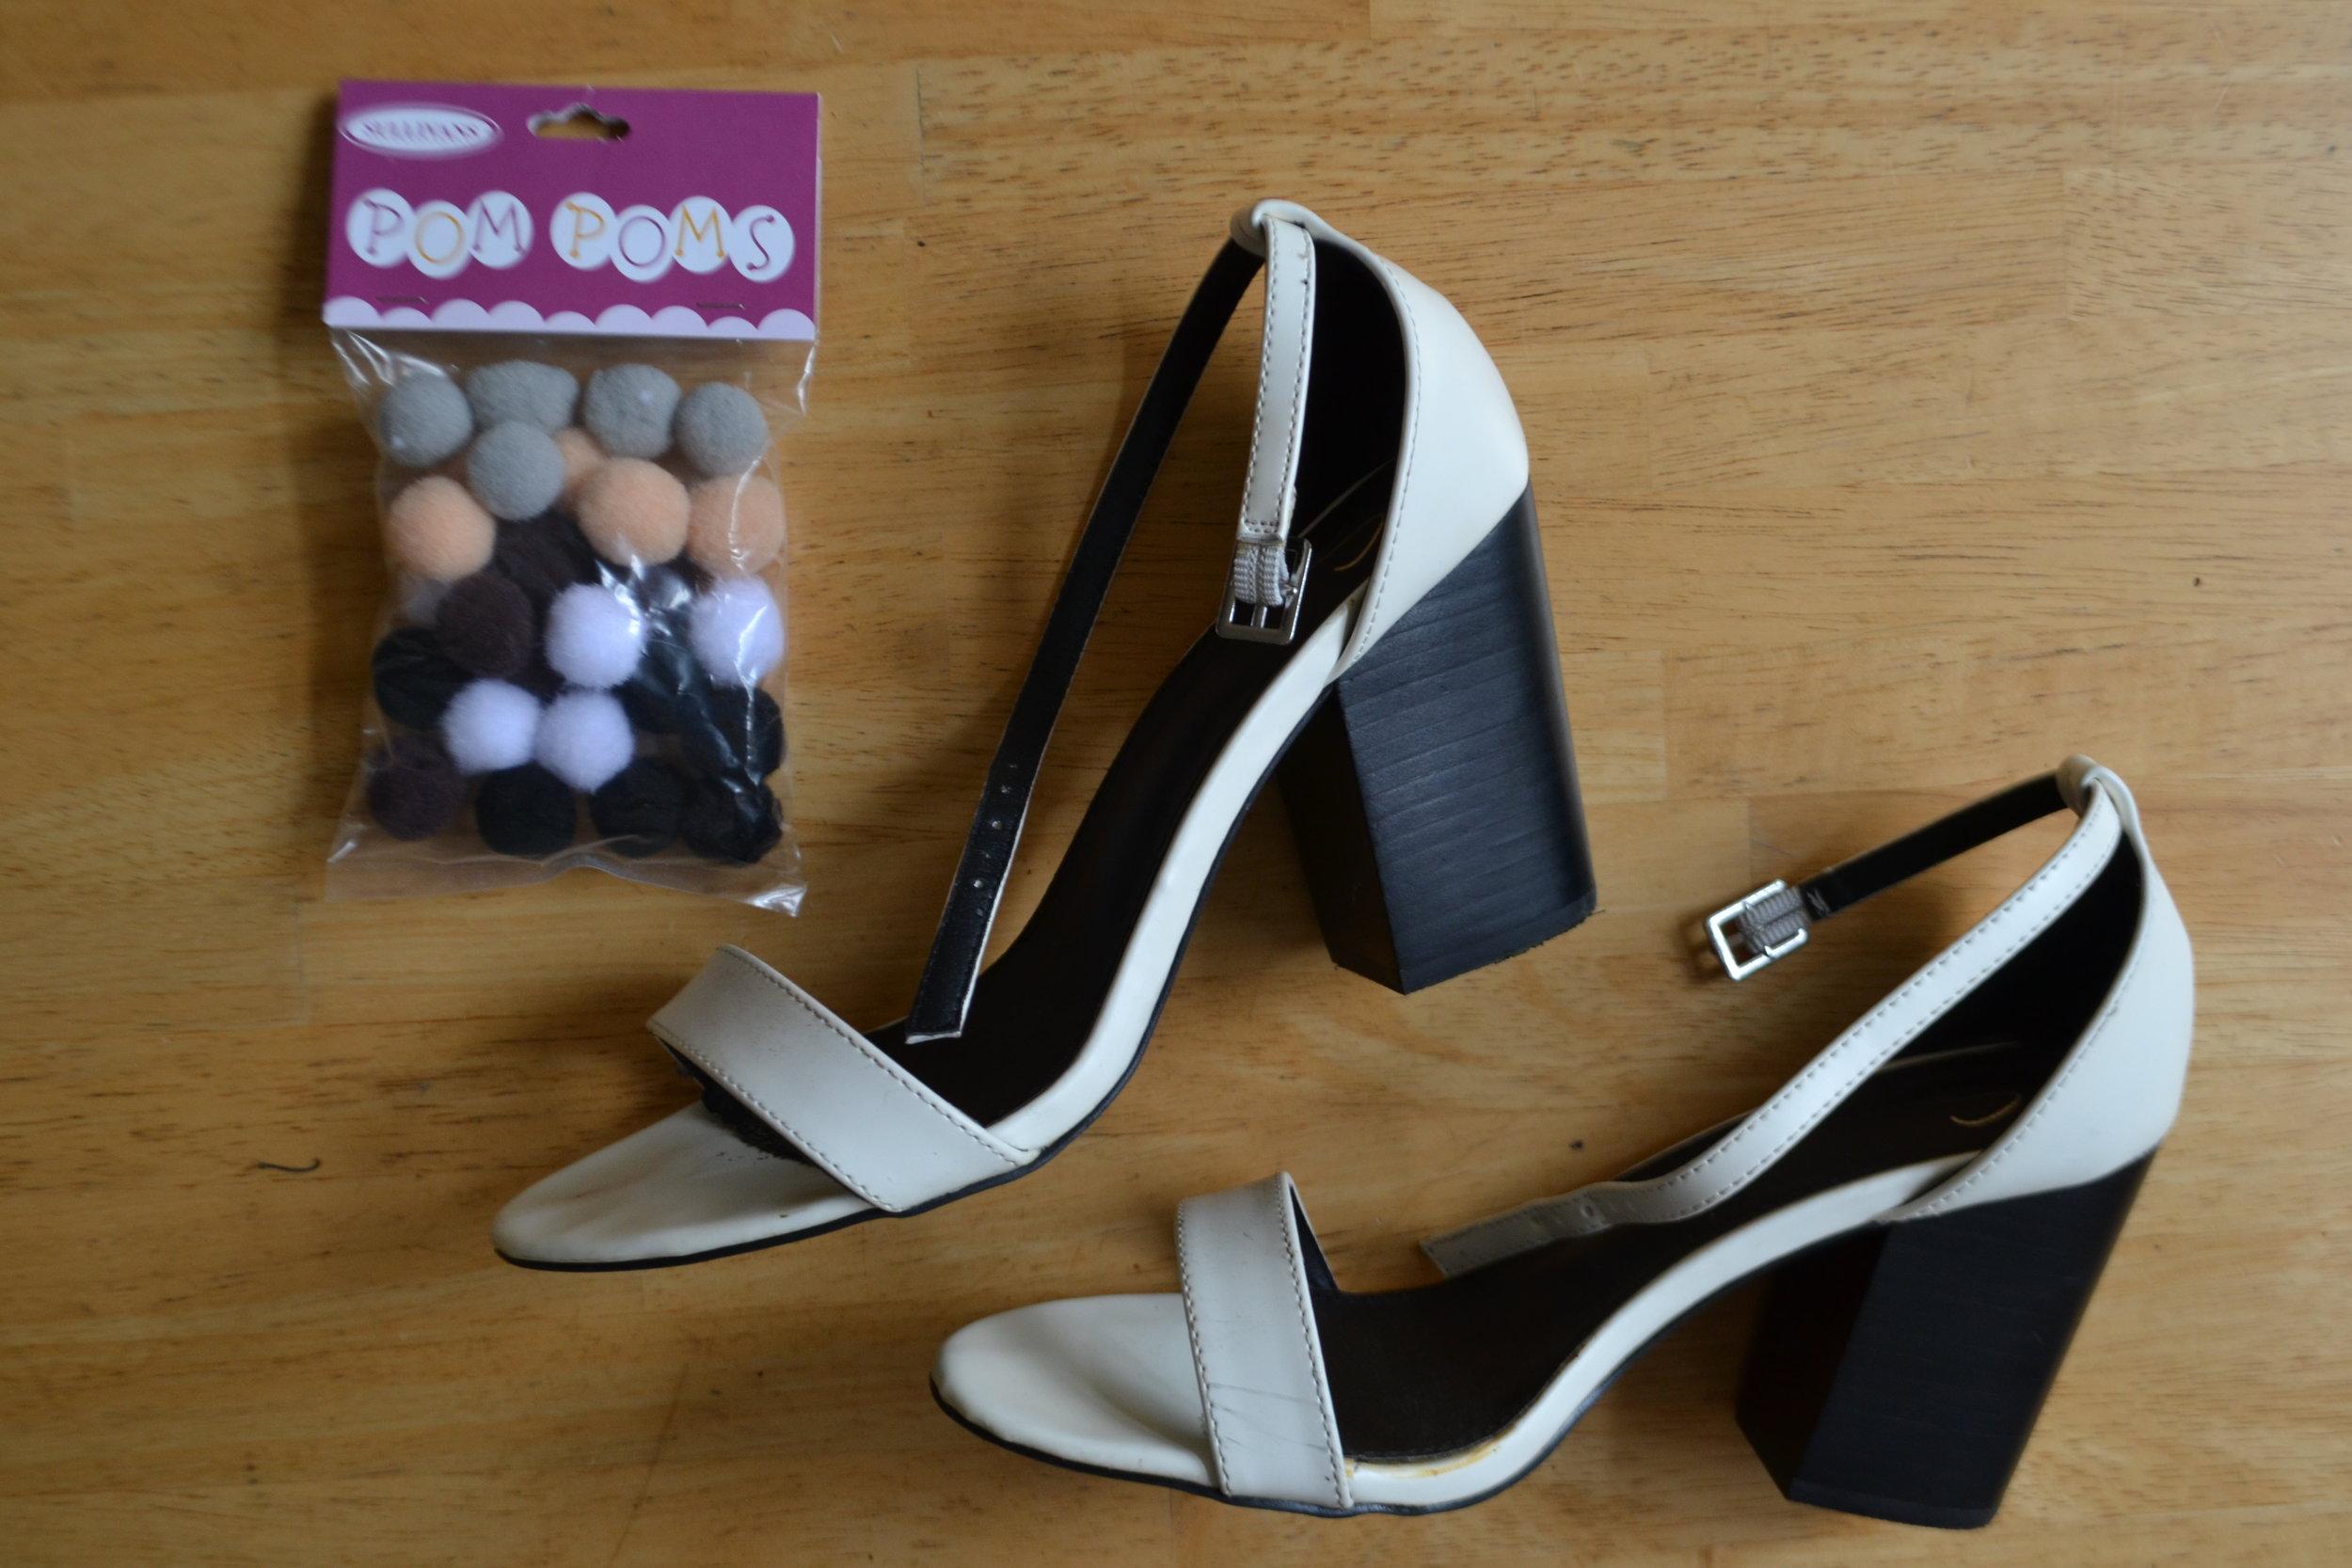 Materials: Shoes of choice, pom poms, hot glue gun